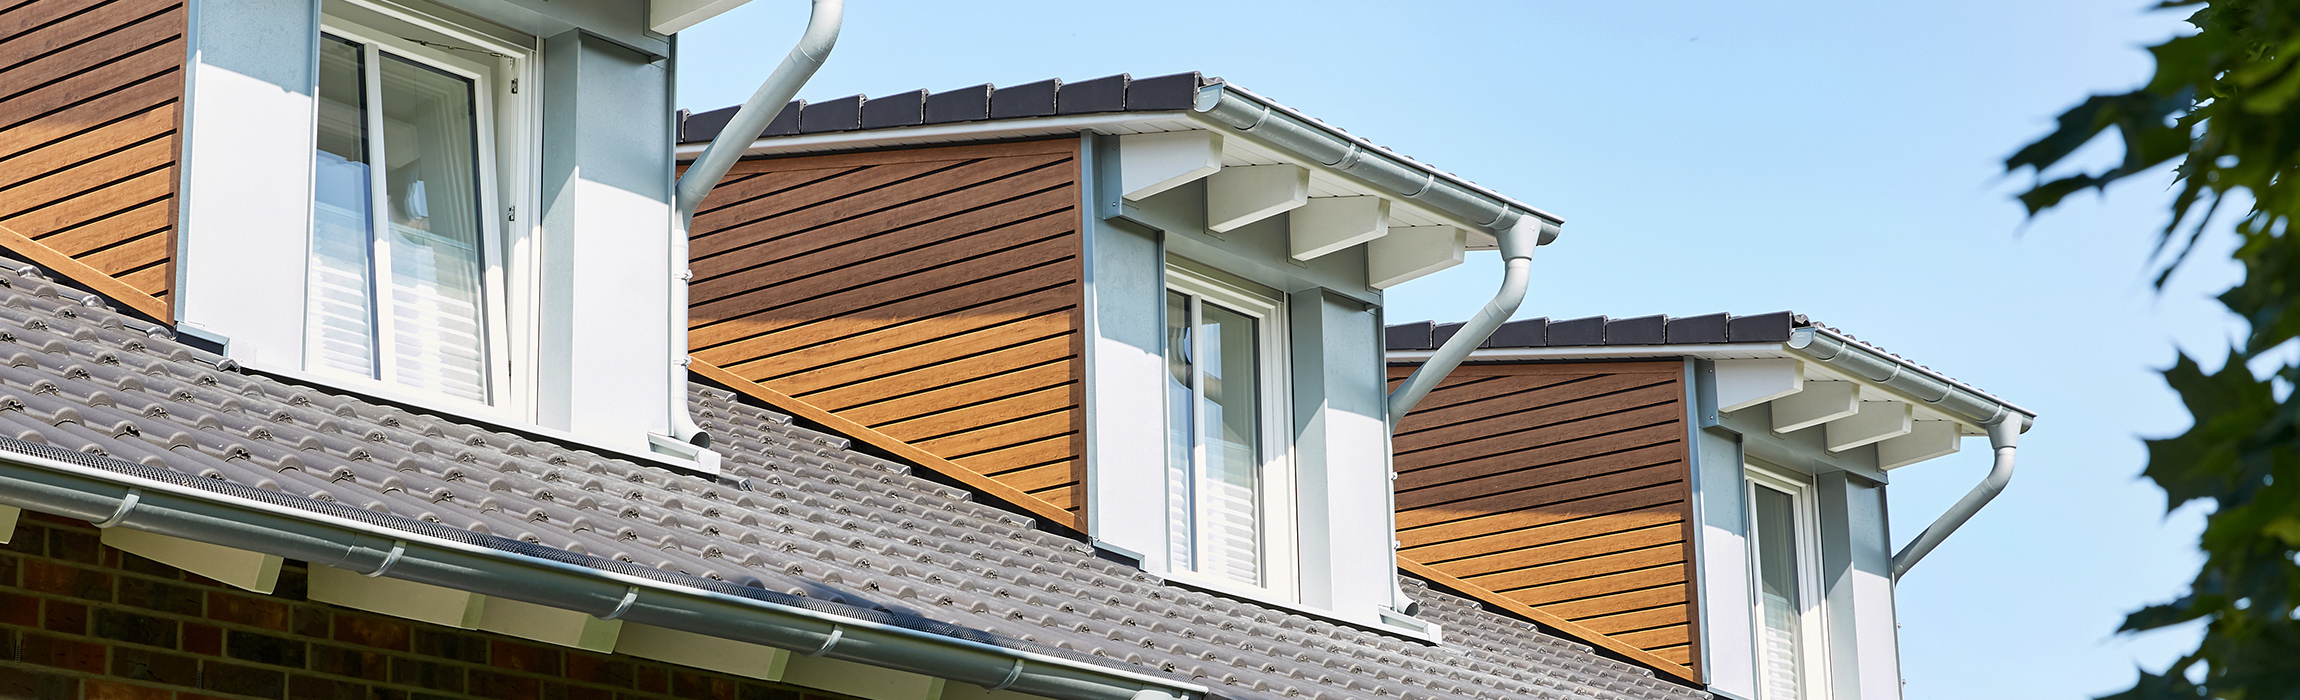 Tipps Zur Paneele Kunststoffpaneele Fur Fassade Und Dachuberstand